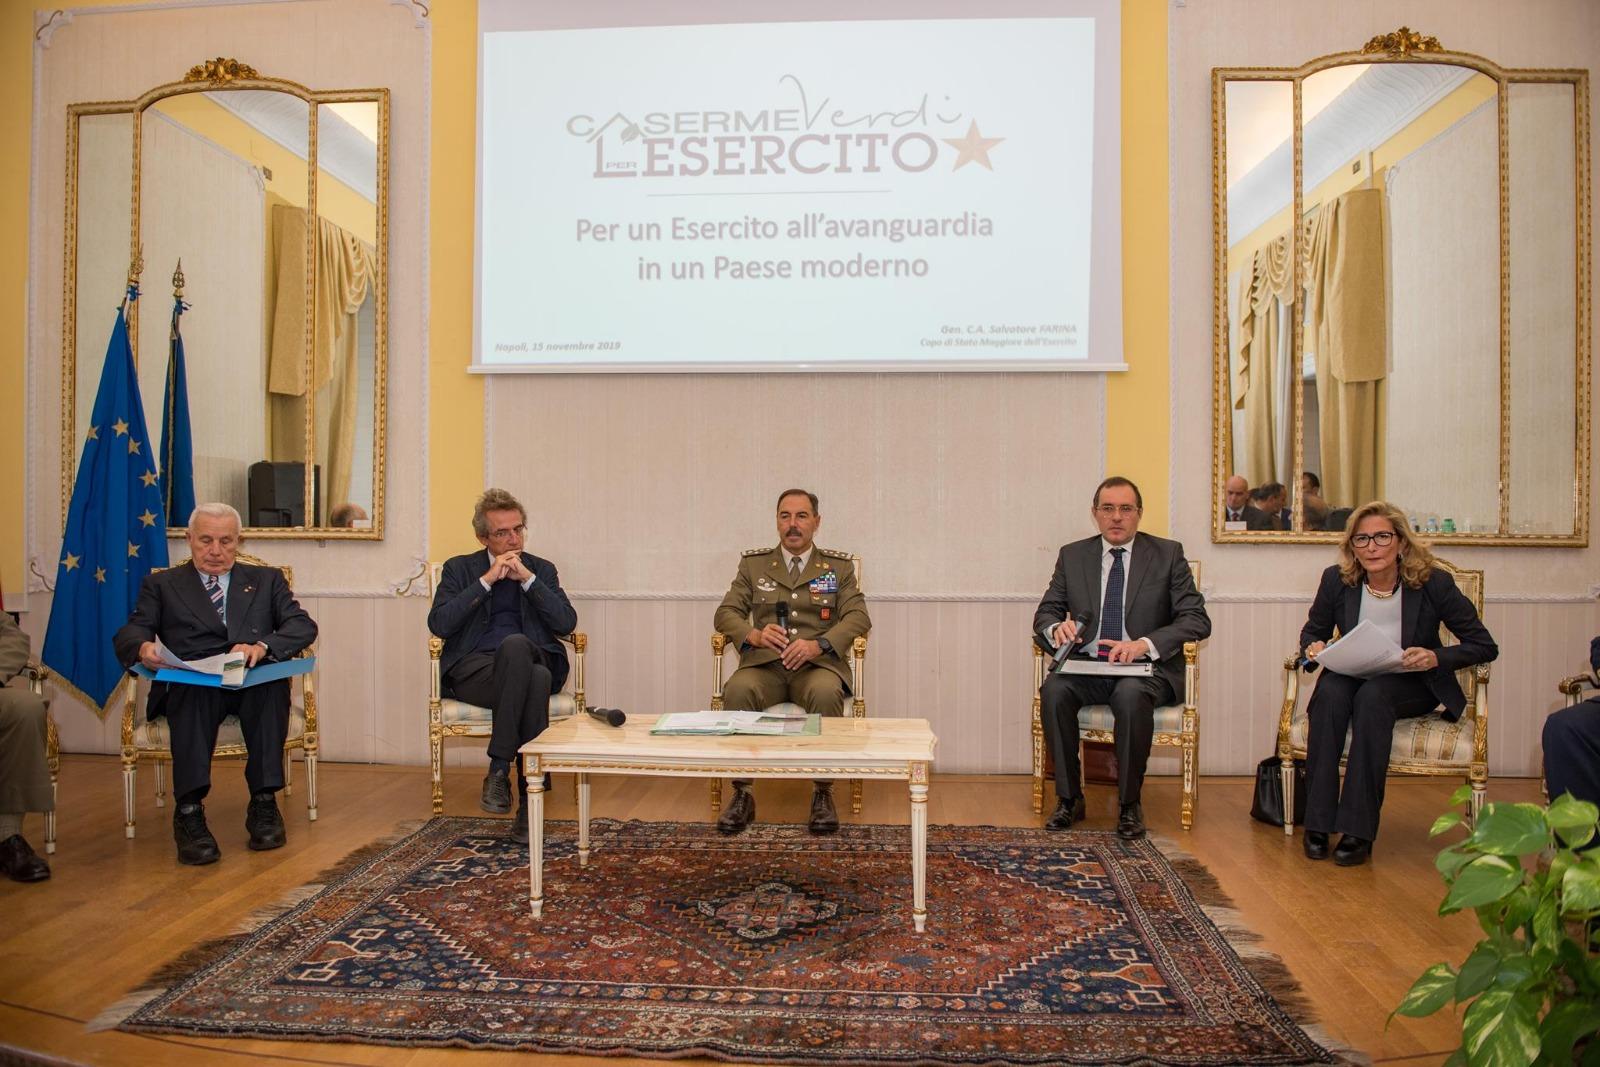 Presentazione Caserme Verdi -Napoli (2)